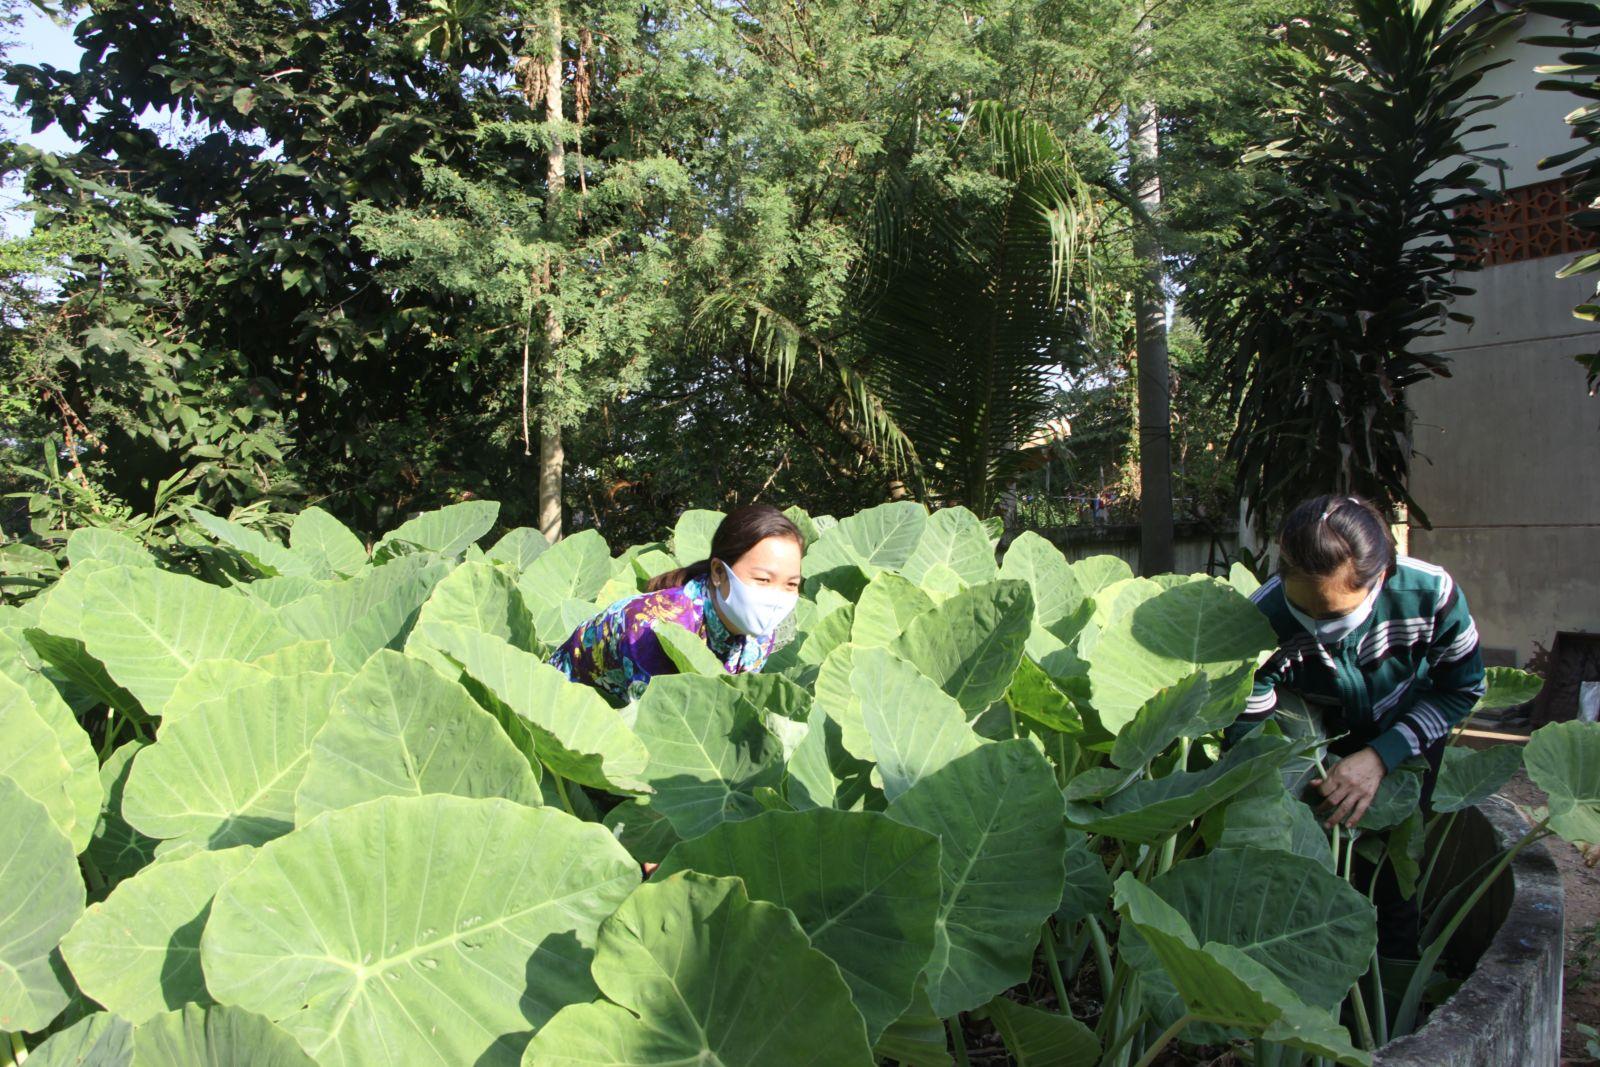 Vườn rau tại Trường Tiểu học Khánh Hưng do chính tay thầy, cô giáo trồng và chăm sóc (Trong ảnh: Vườn bạc hà xanh tốt phía sau trường)